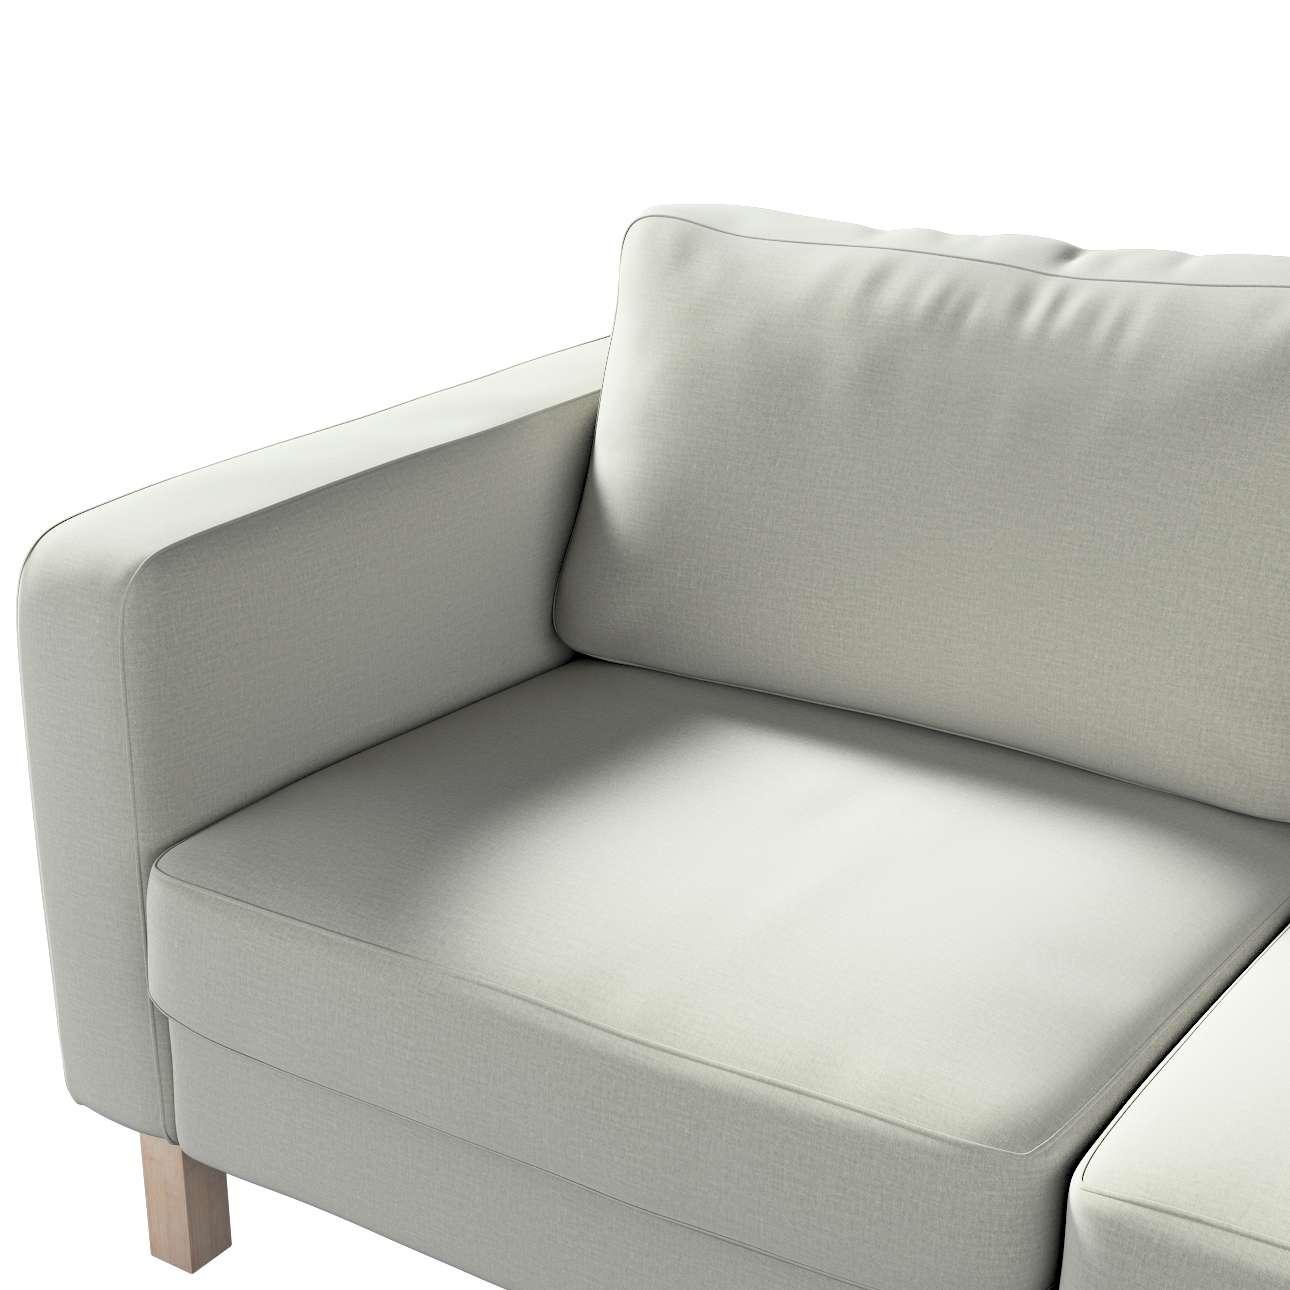 Karlstad klädsel 2-sits soffa - kort i kollektionen Ingrid, Tyg: 705-41